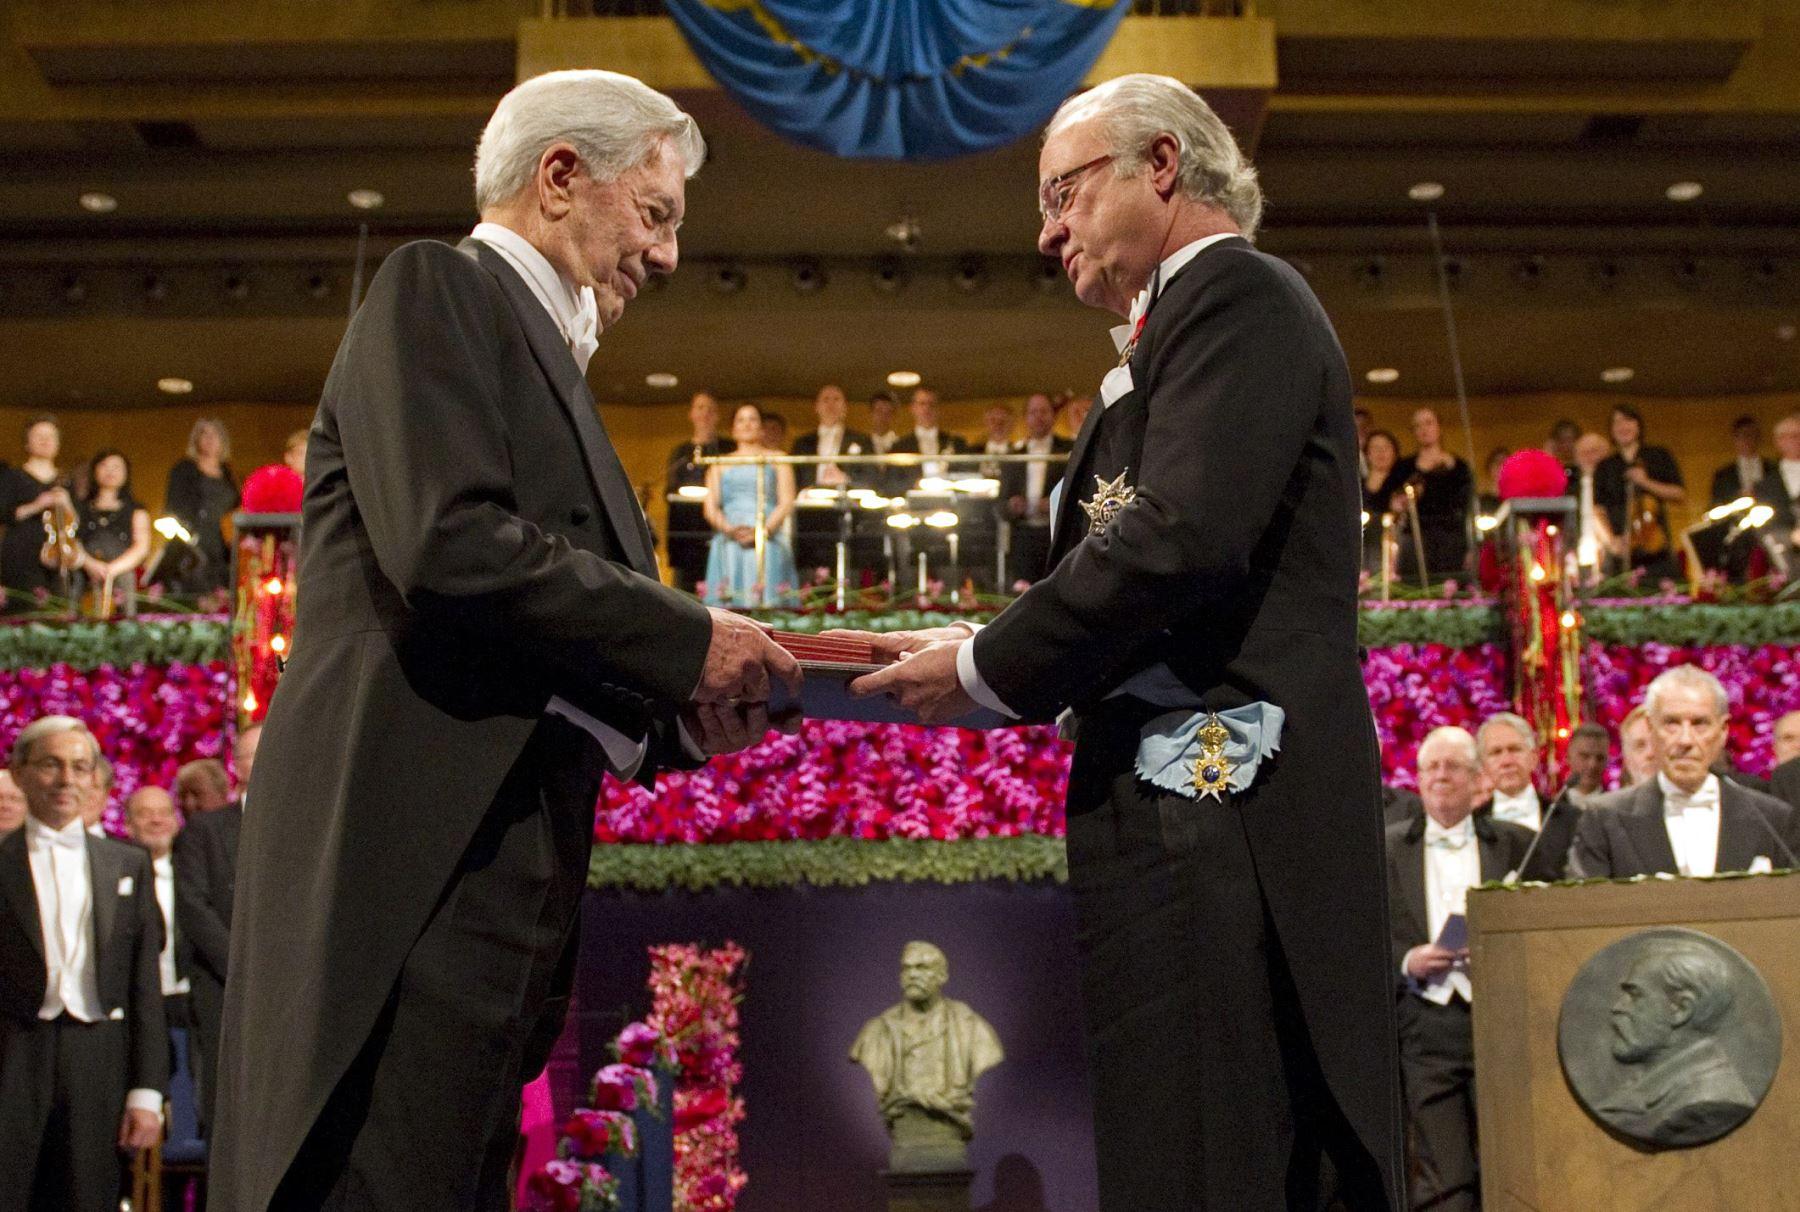 El escritor peruano recibe el Premio Nobel de Literatura 2010, en la Academia Sueca, en Estocolmo, Suecia.